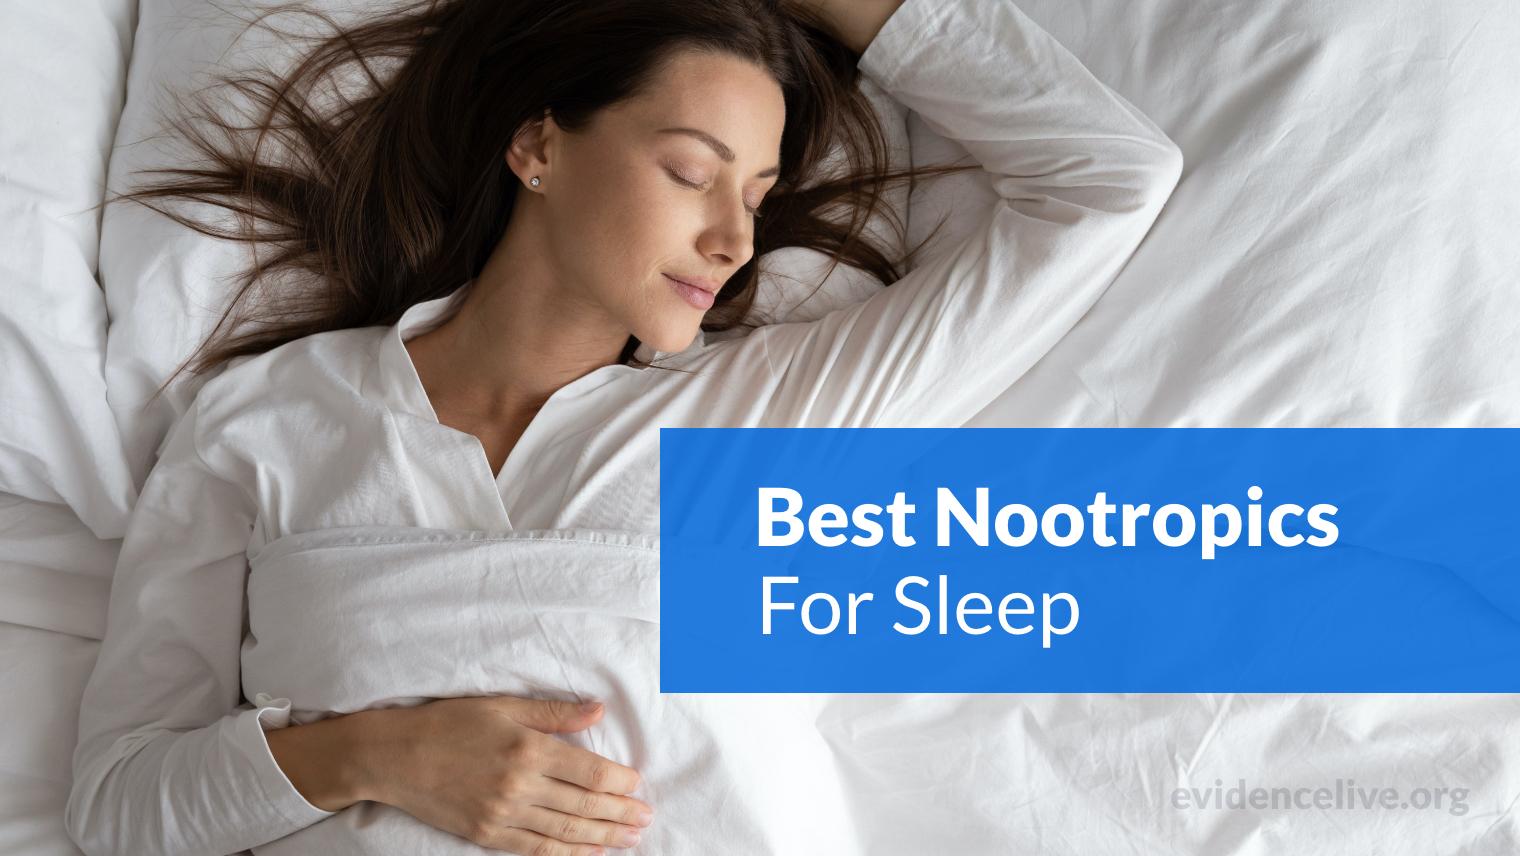 The Best Nootropics For Sleep